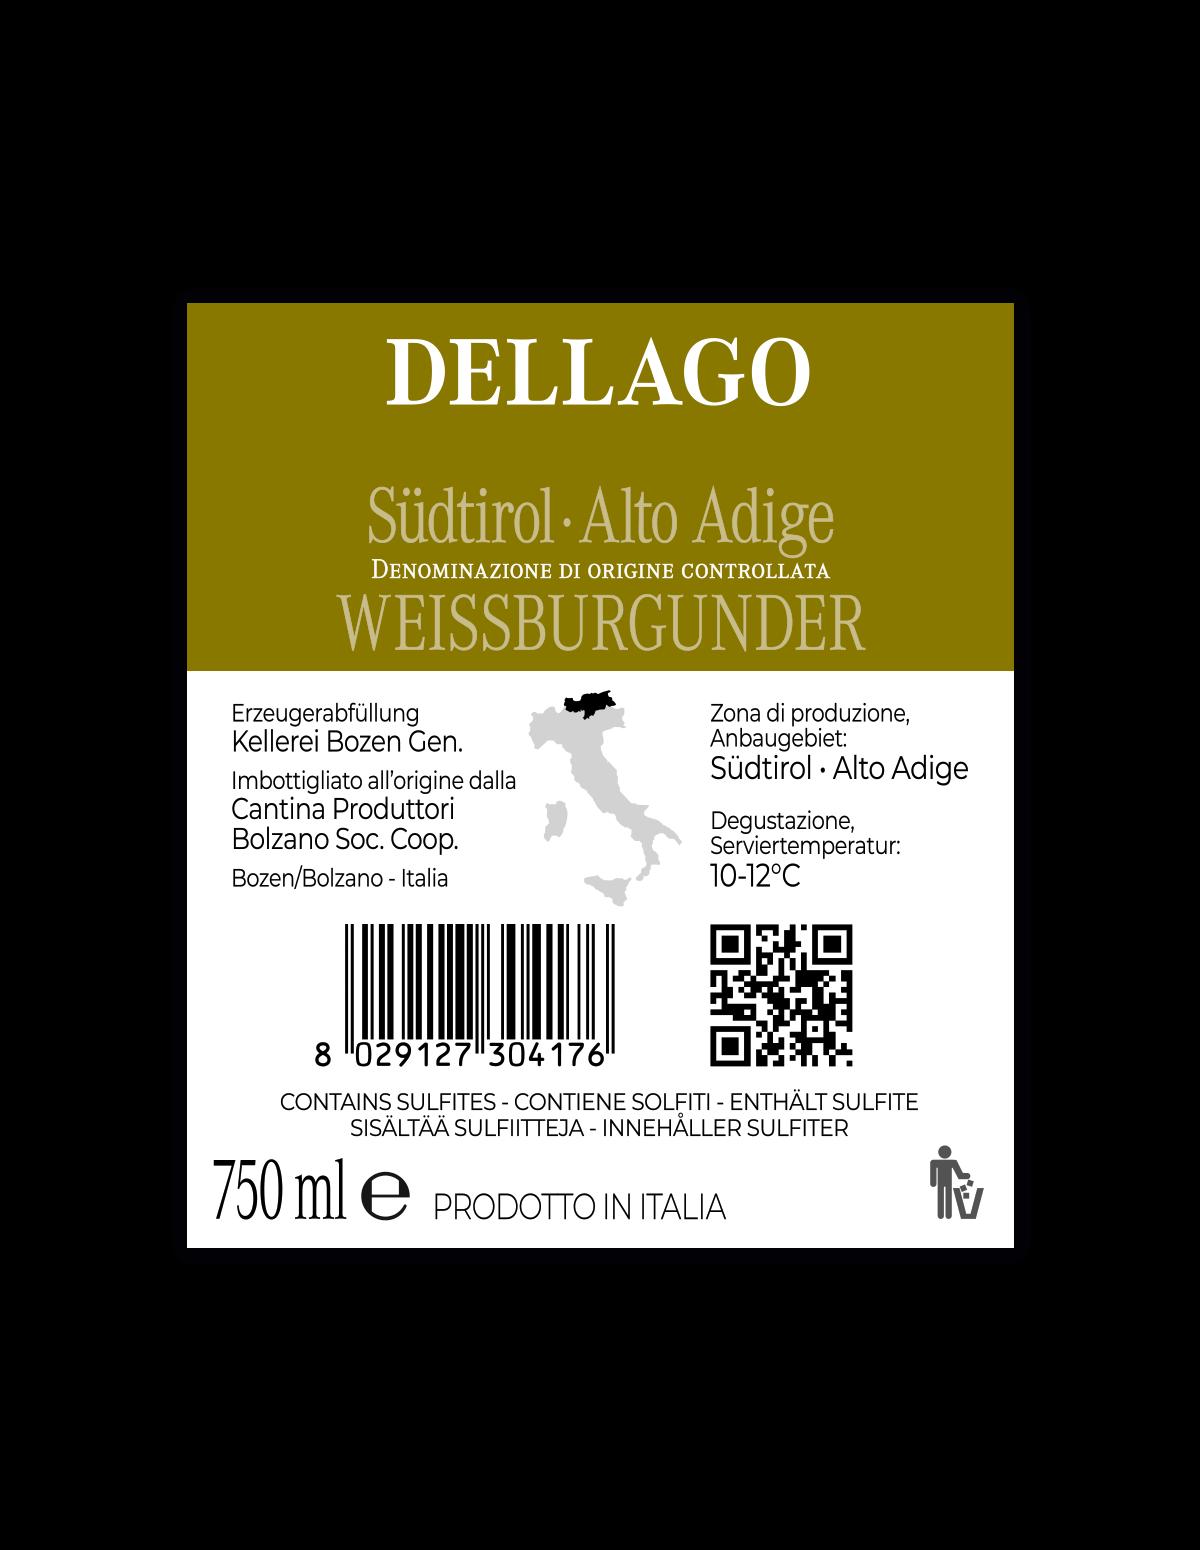 DELLAGO WEISSBURGUNDER Südtirol • Alto Adige DOC 2019